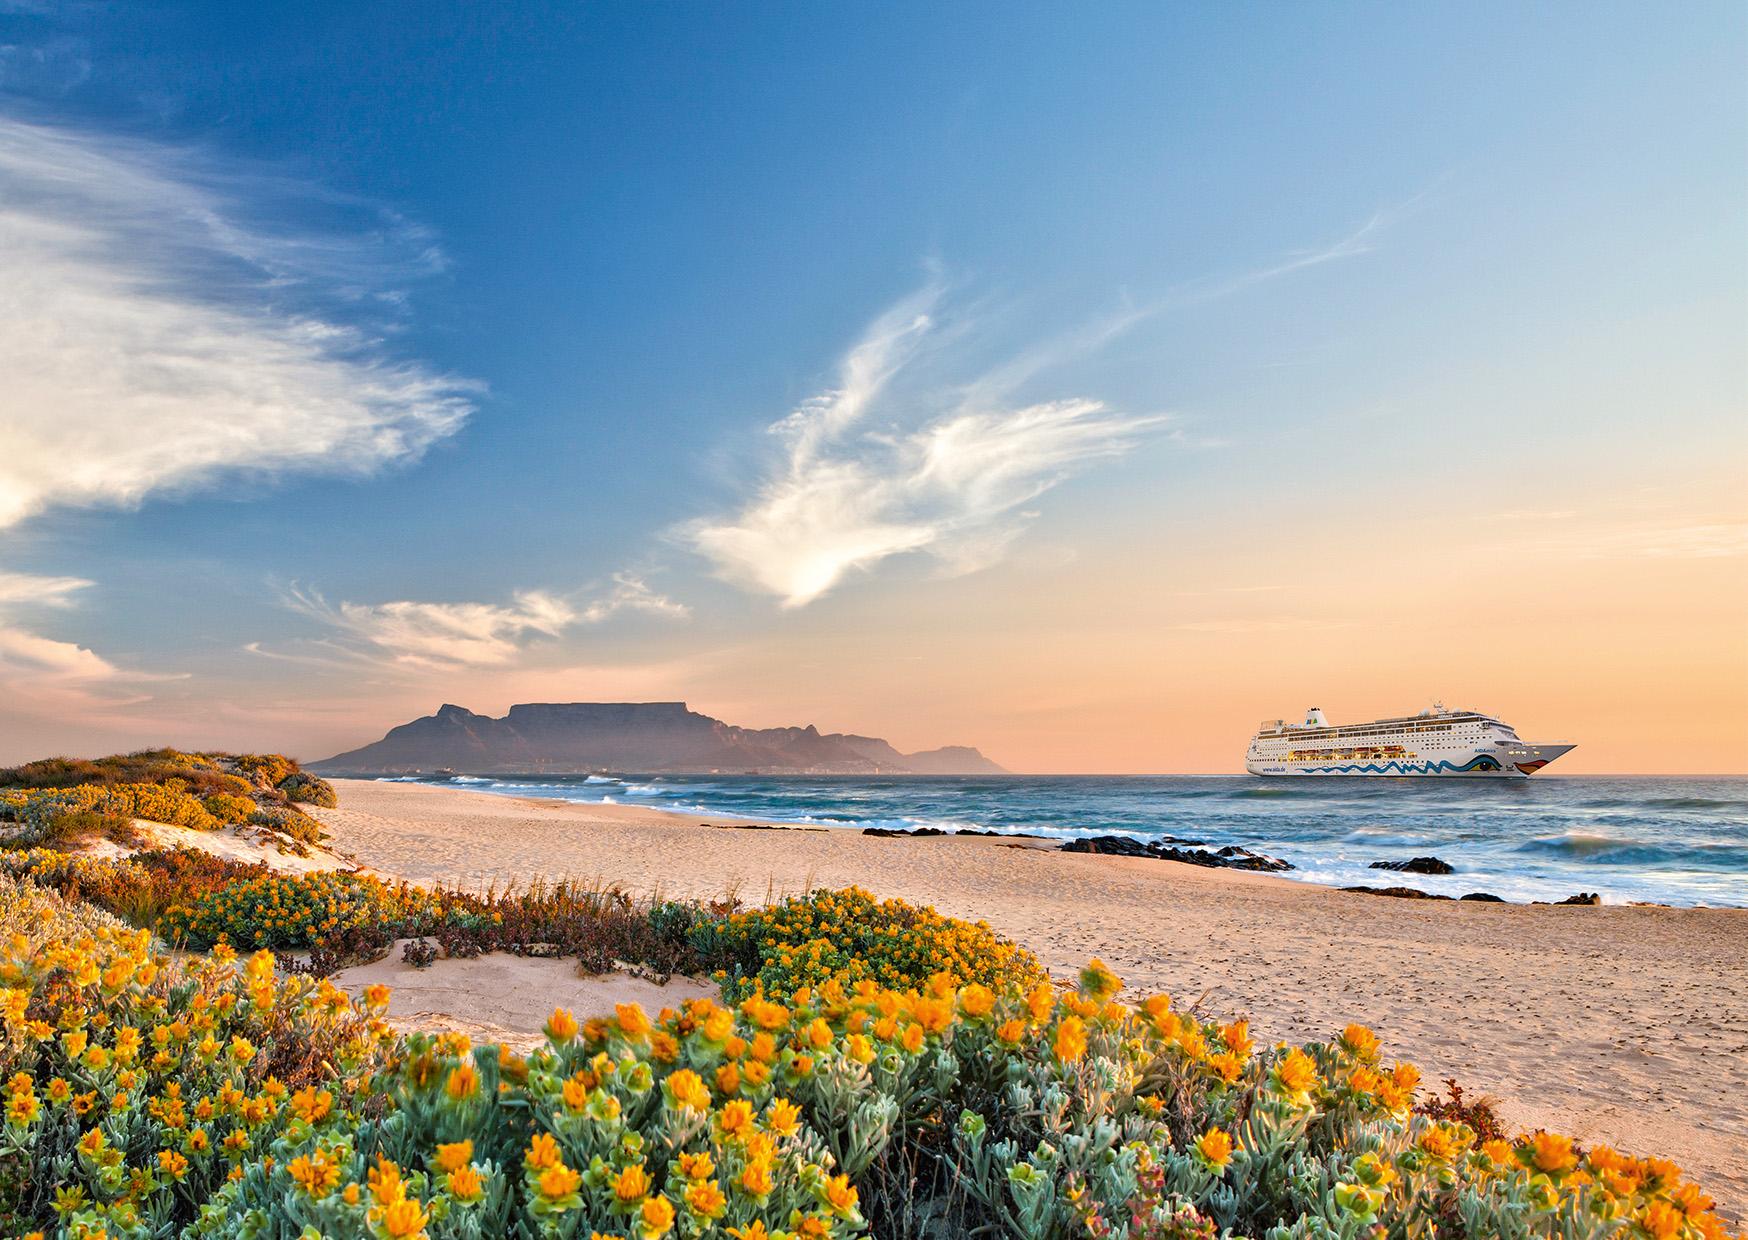 AIDA-Gäste können sich in der Wintersaison 2020/2021 auf faszinierende Momente in Südamerika freuen, auf Sonne, Südsee und Erlebnisse in Südafrika.